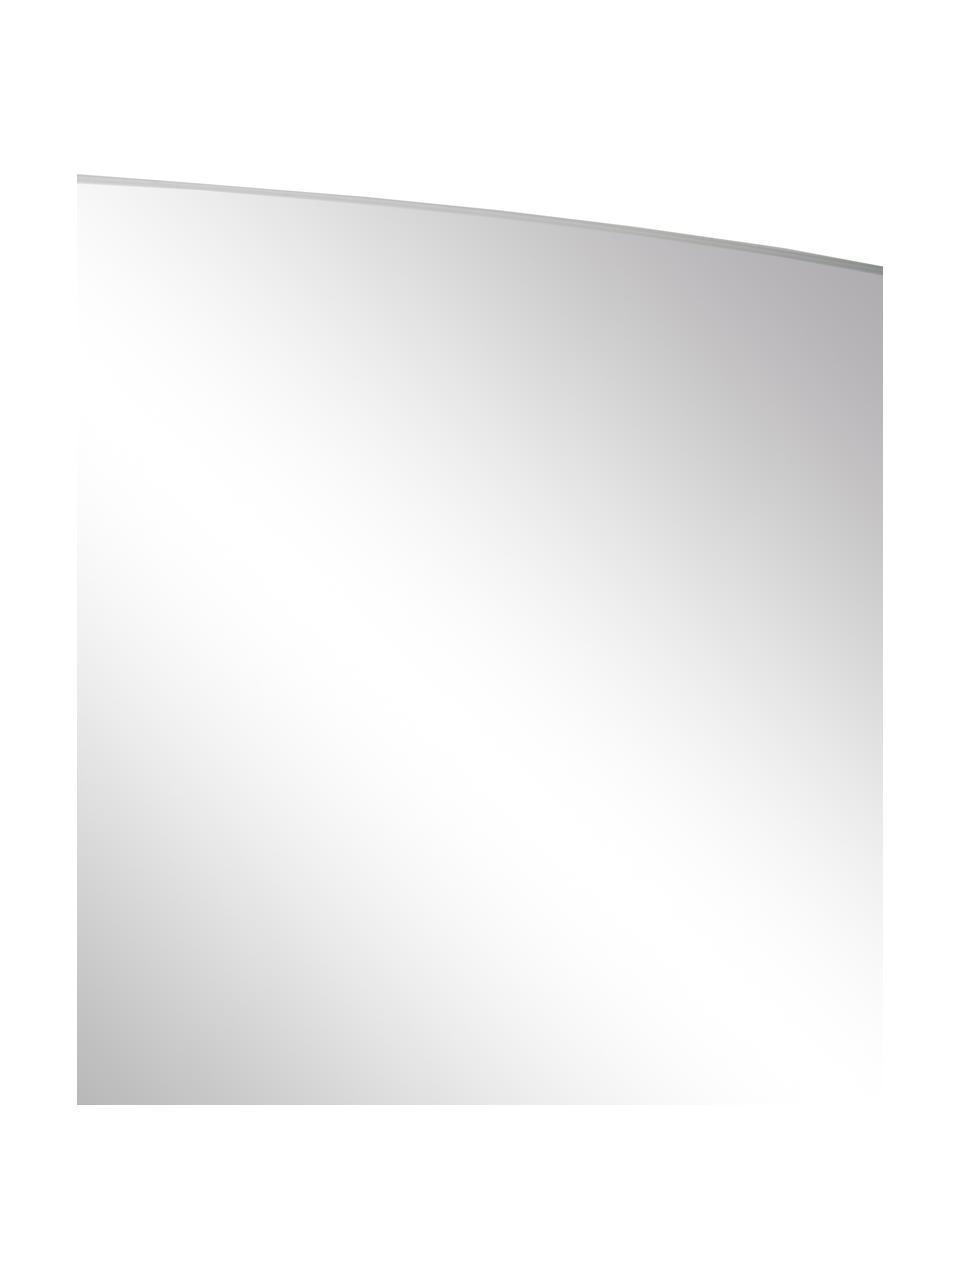 Okrągłe lustro ścienne bez ramy Erin, Szkło lustrzane, Ø 100 x G 2 cm